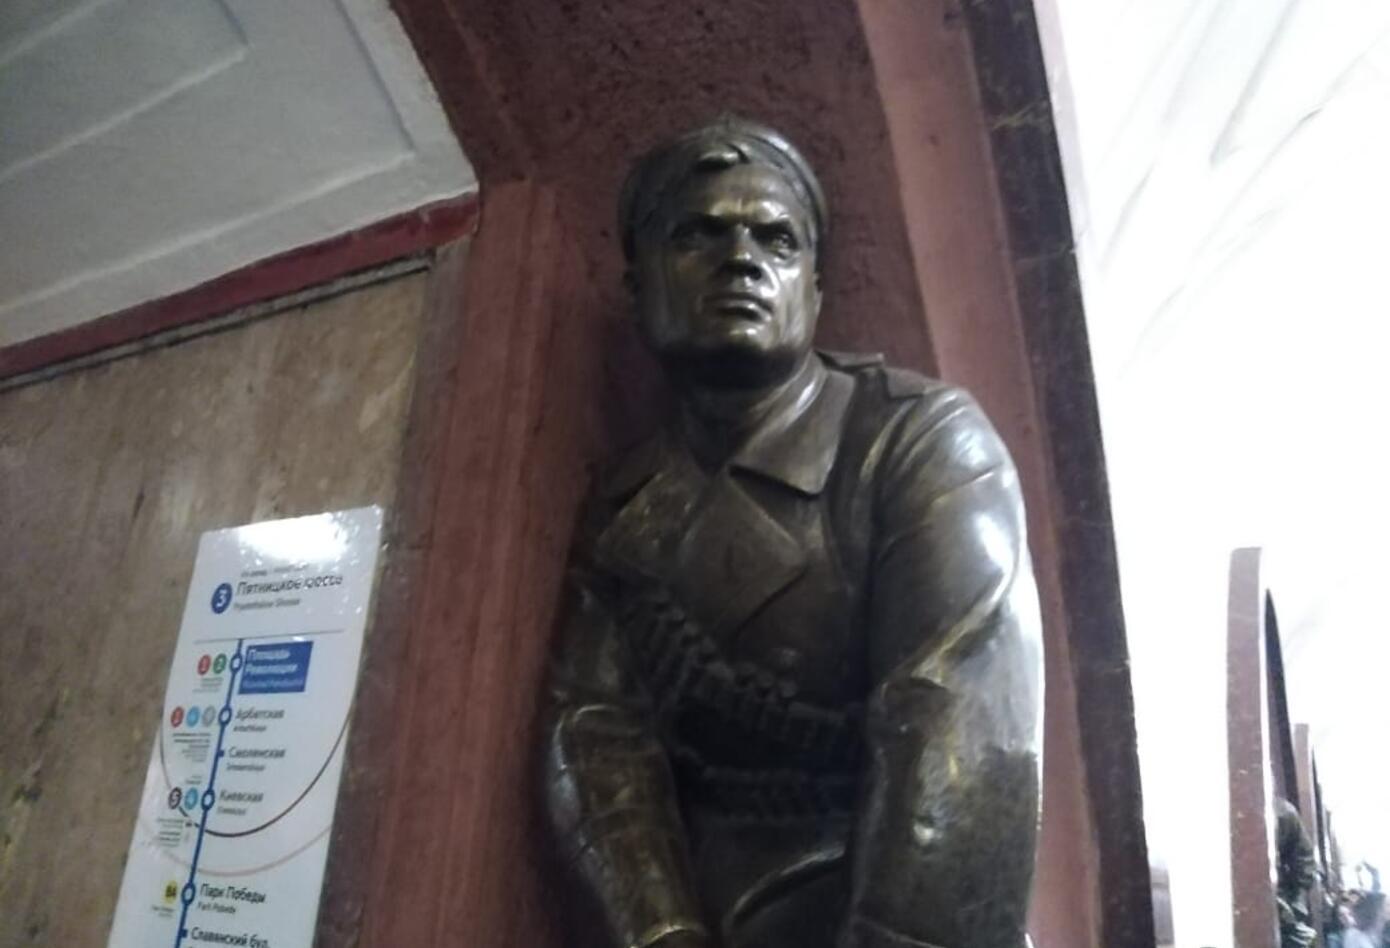 Las obras de arte en la imponente Plaza de la Revolución en Rusia.